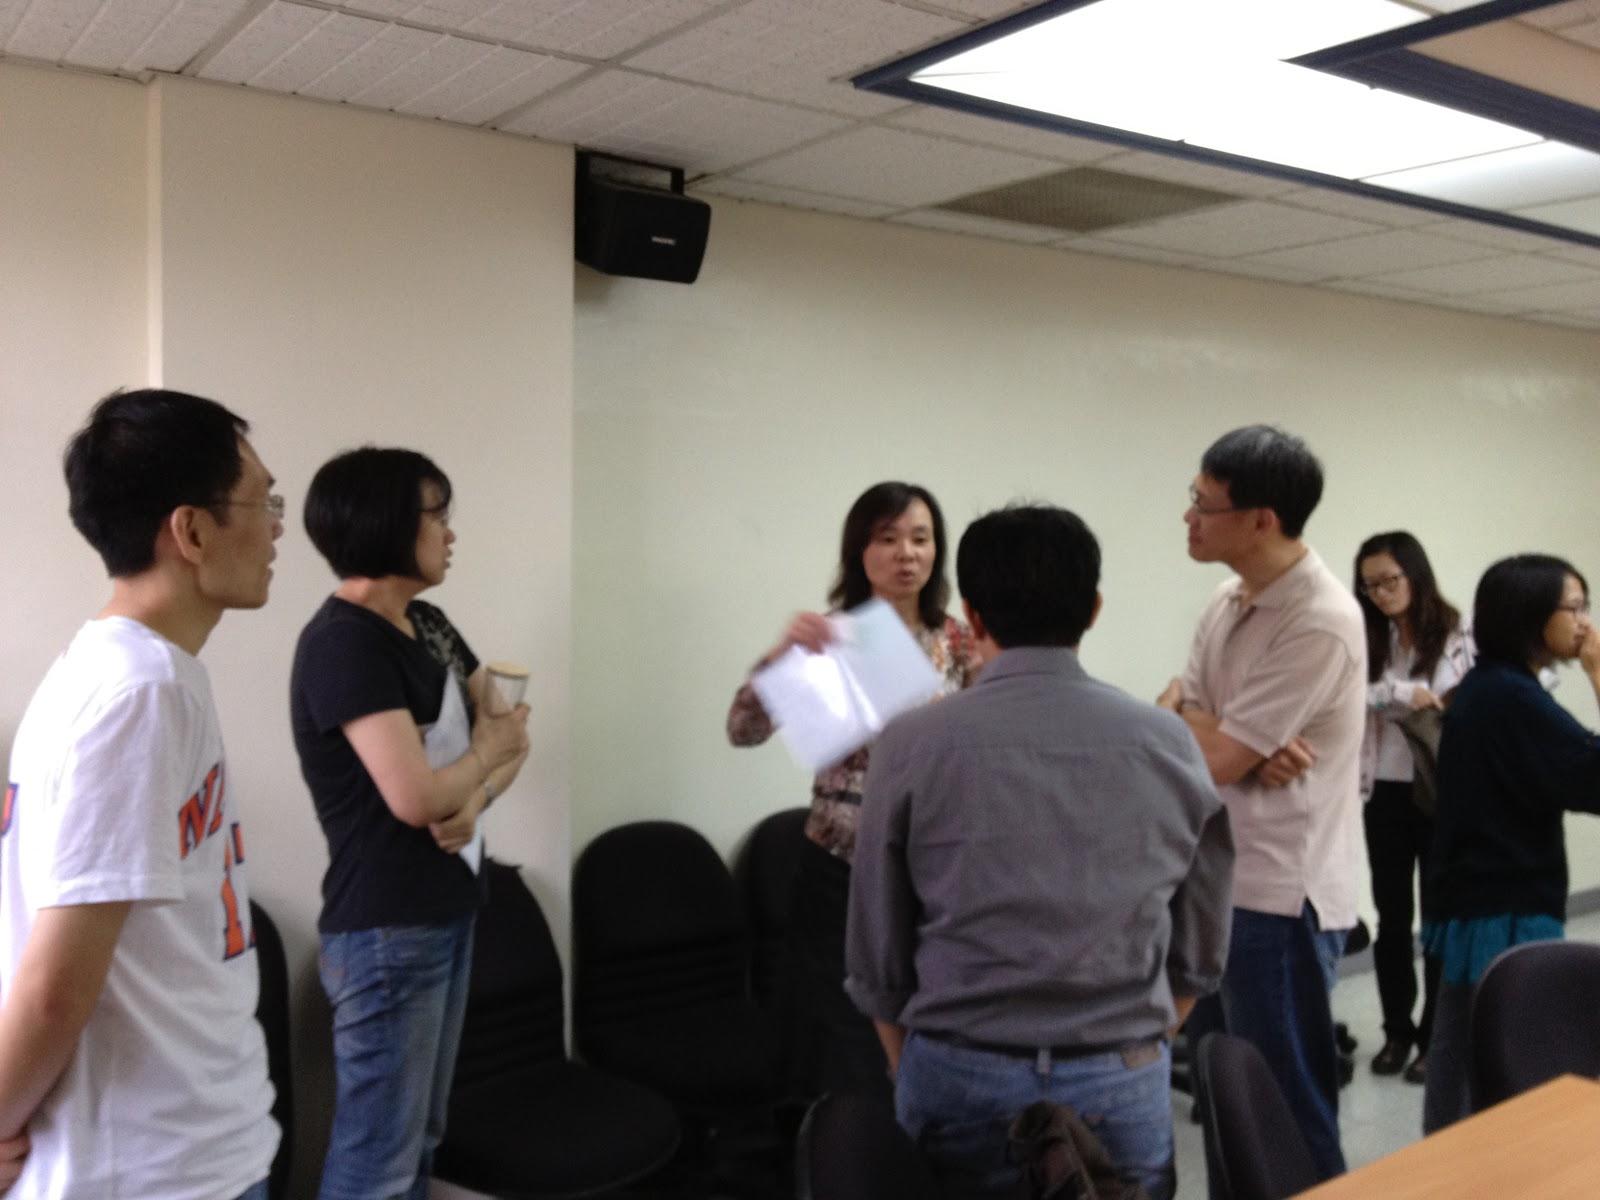 臺灣社會企業創新創業學會: 【活動成果】精明的社會企業(20120518)